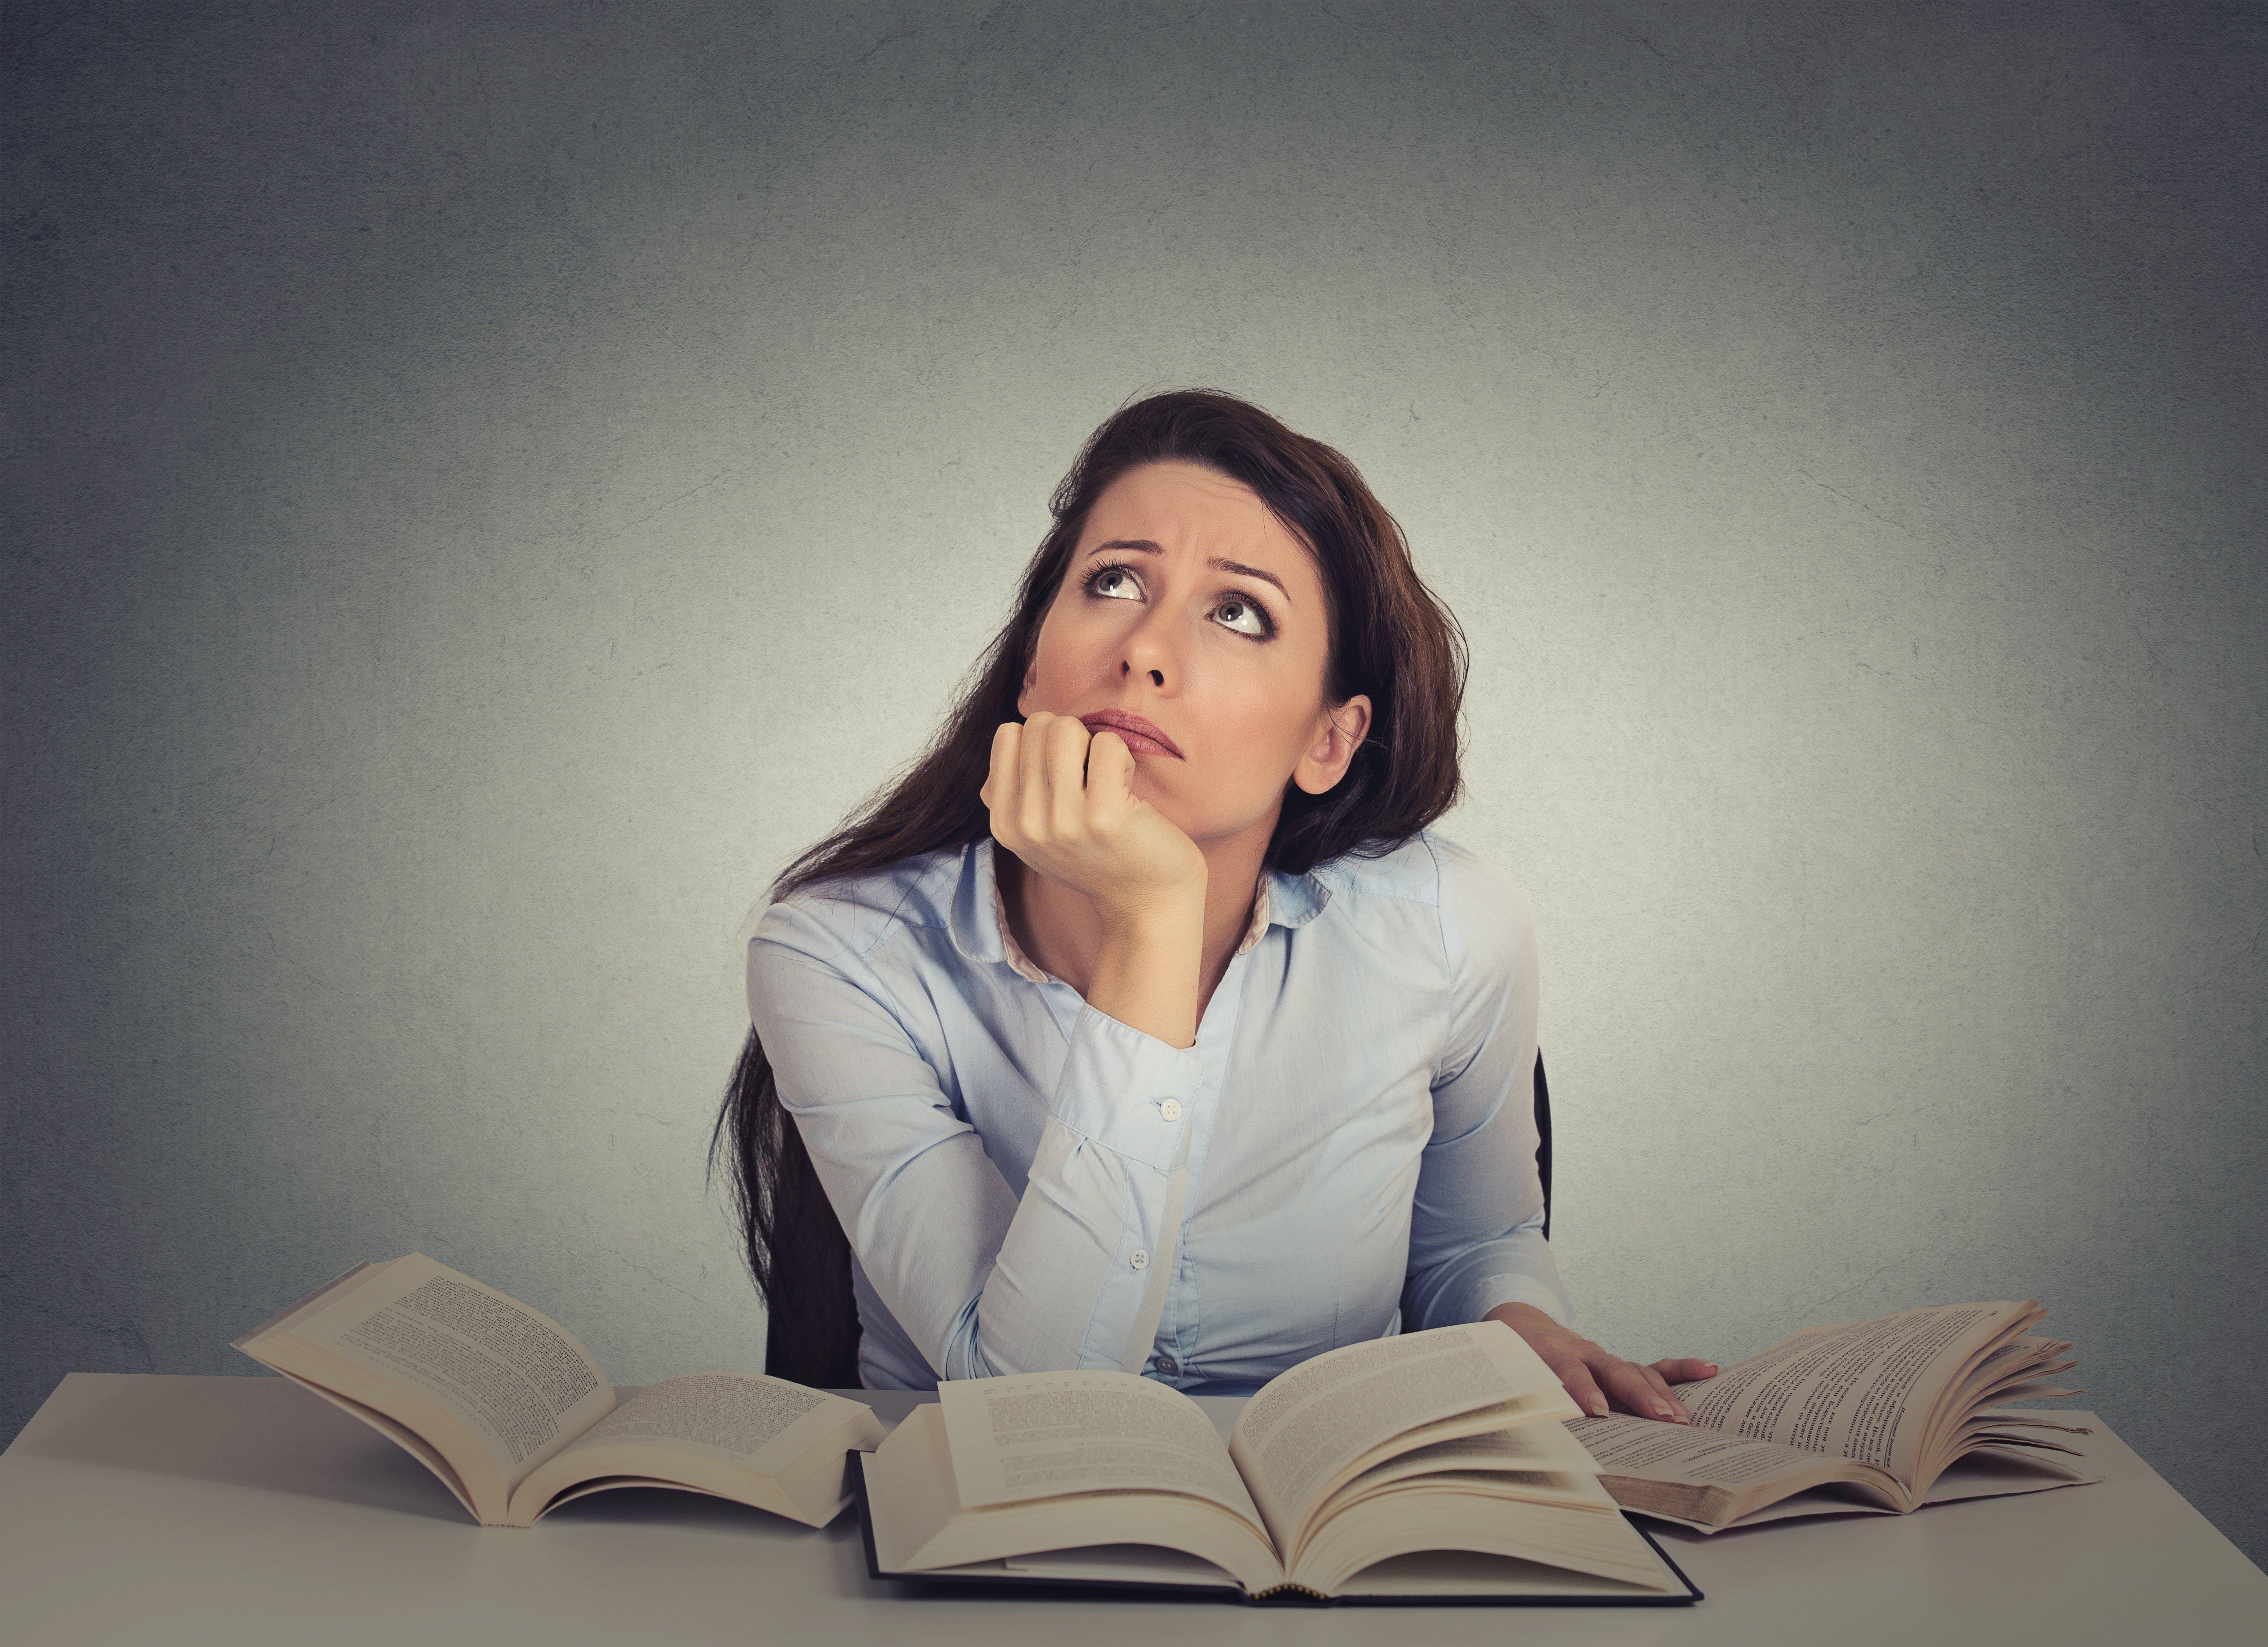 Fotolia 85205000 Subscription Monthly XXL - Quando avrò finito gli esami mi dimenticherò tutto quello che ho studiato?